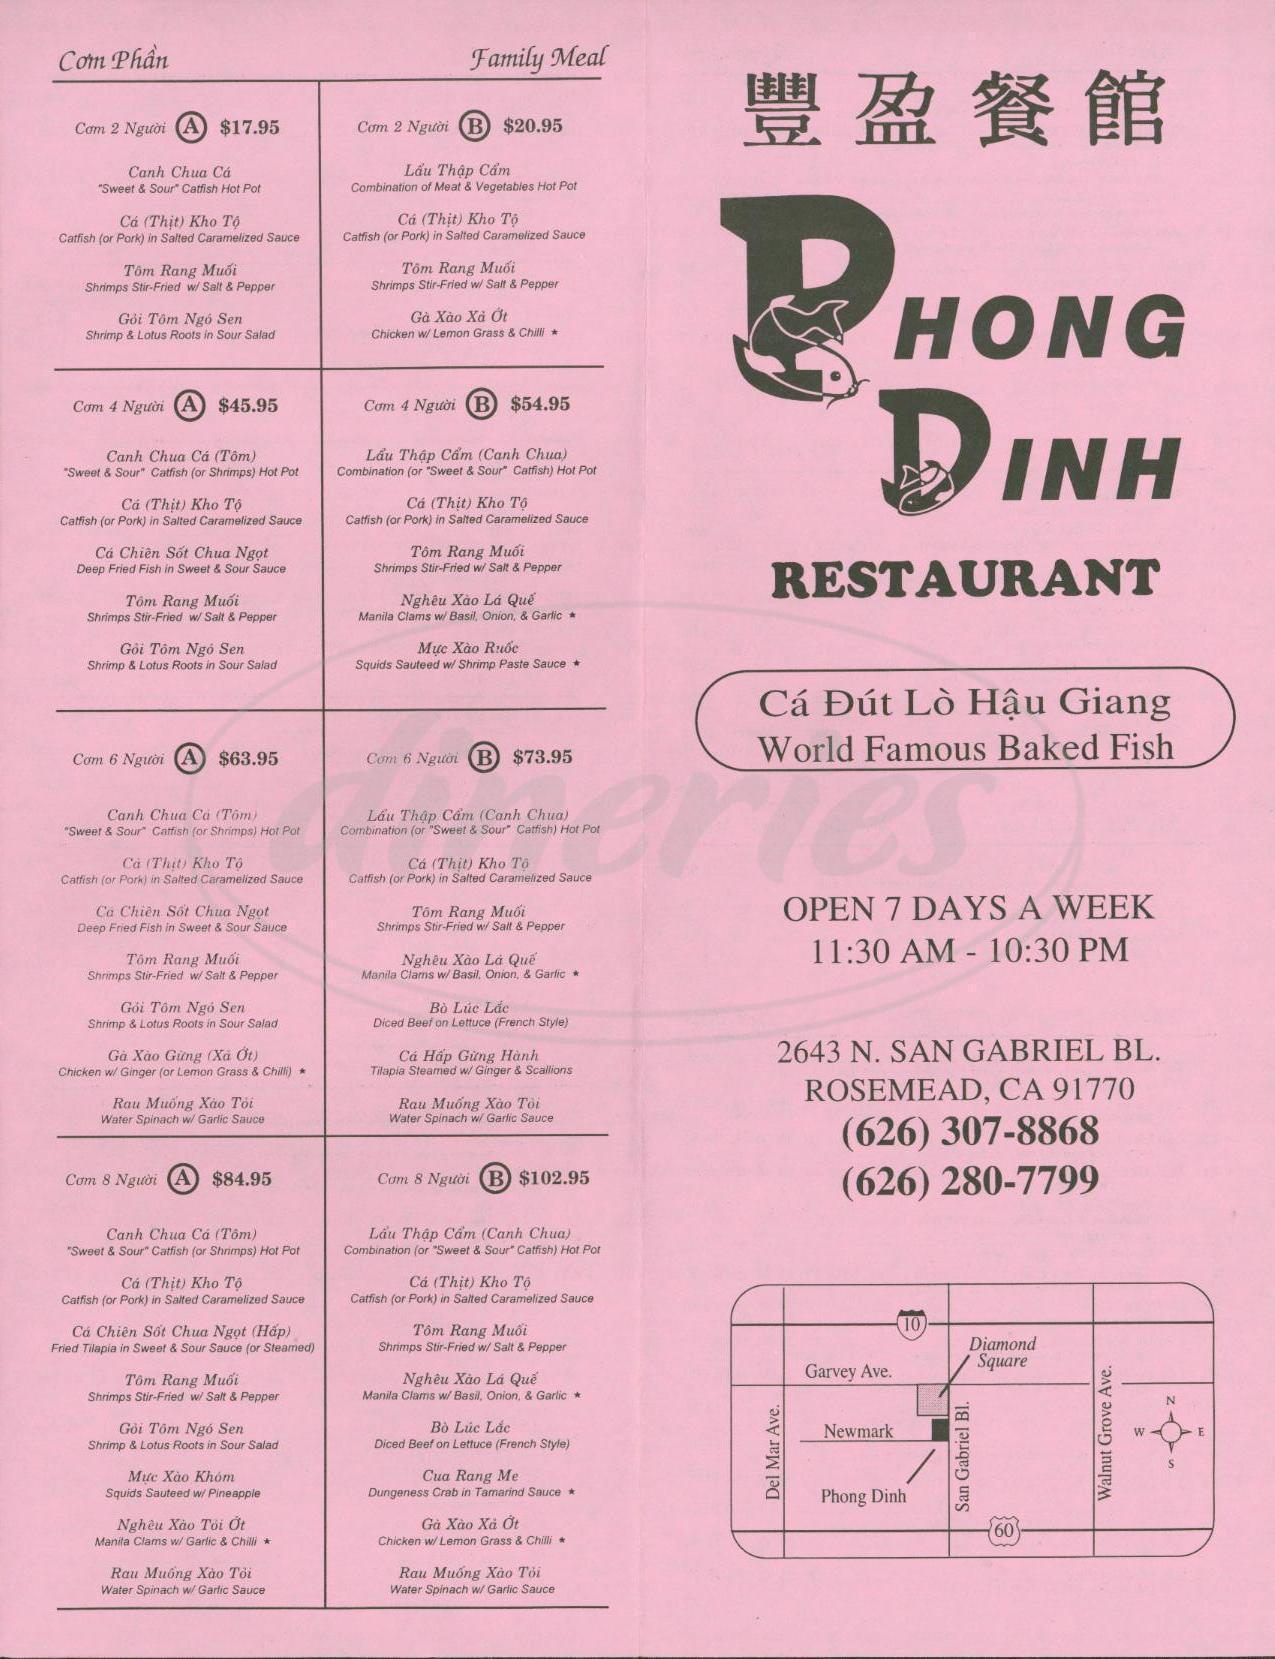 menu for Phong Dinh